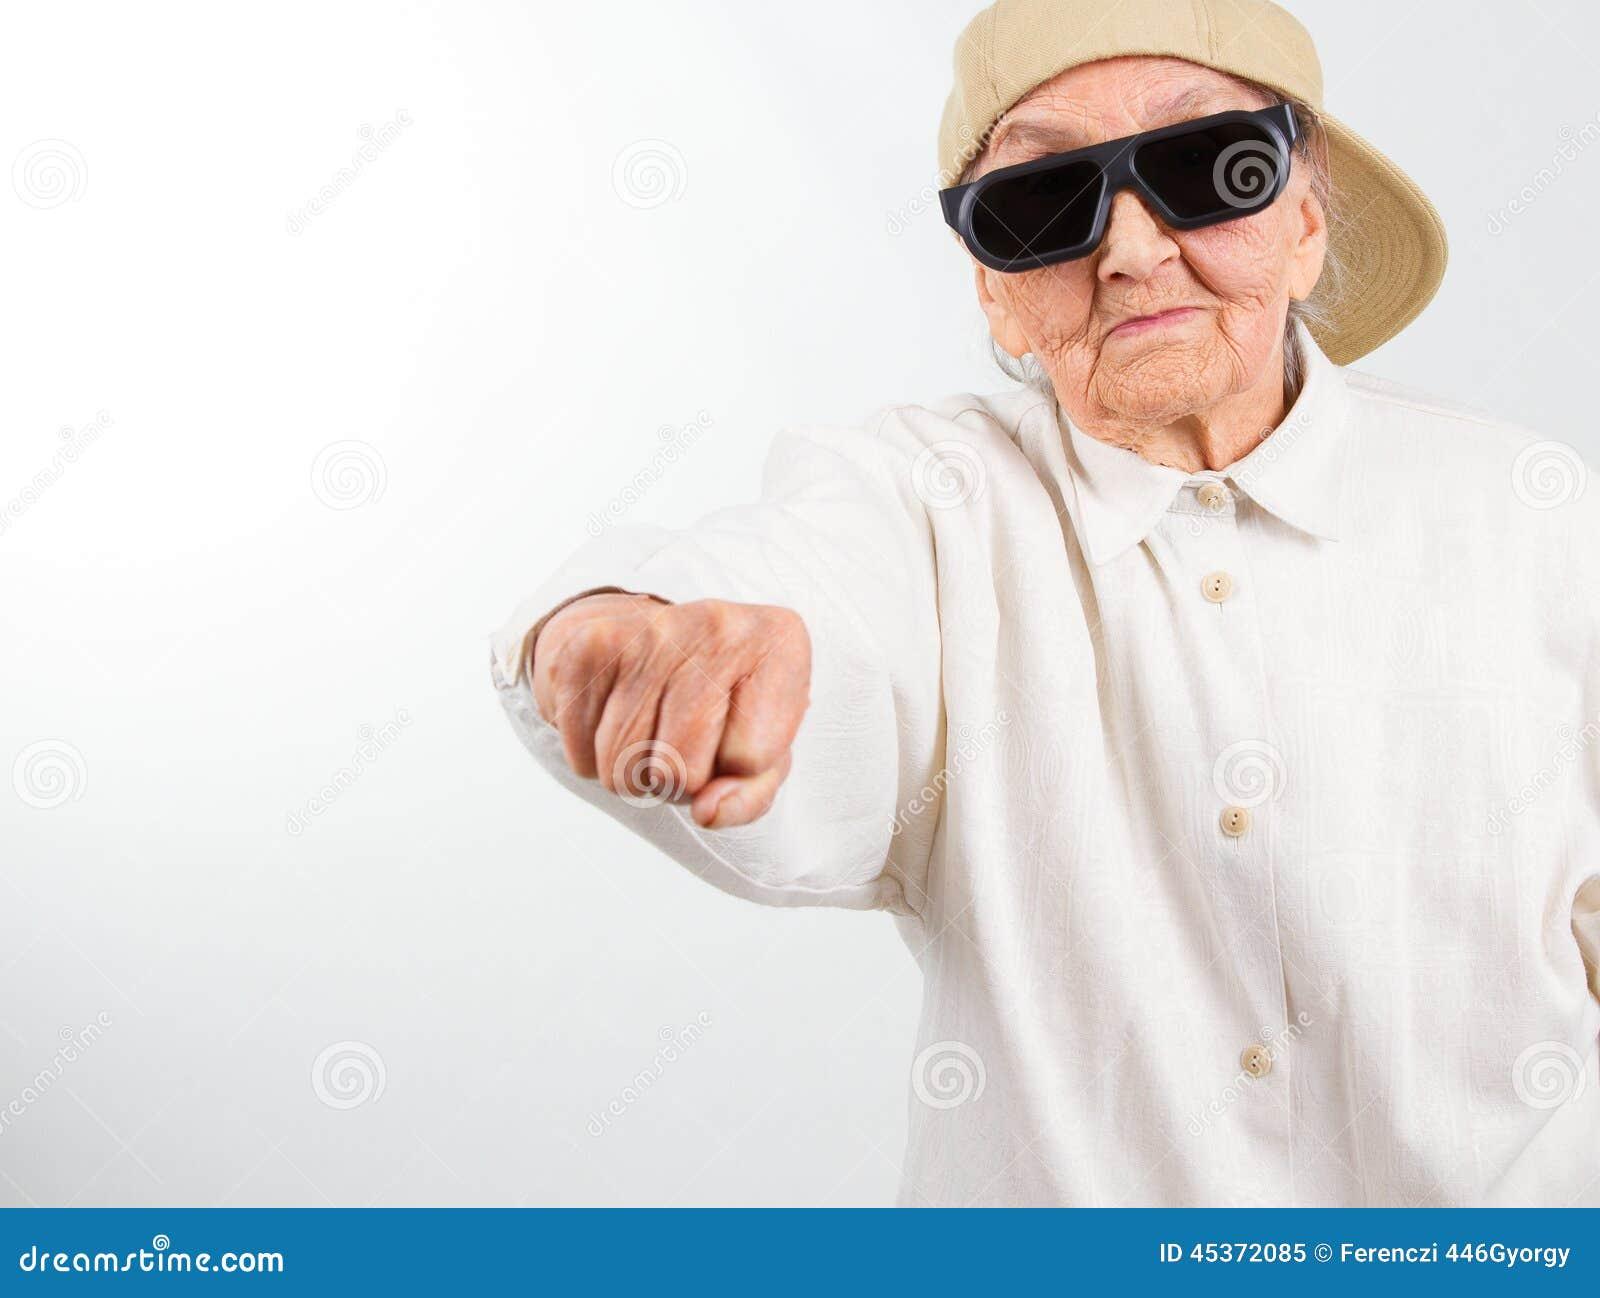 Fat granny fisting